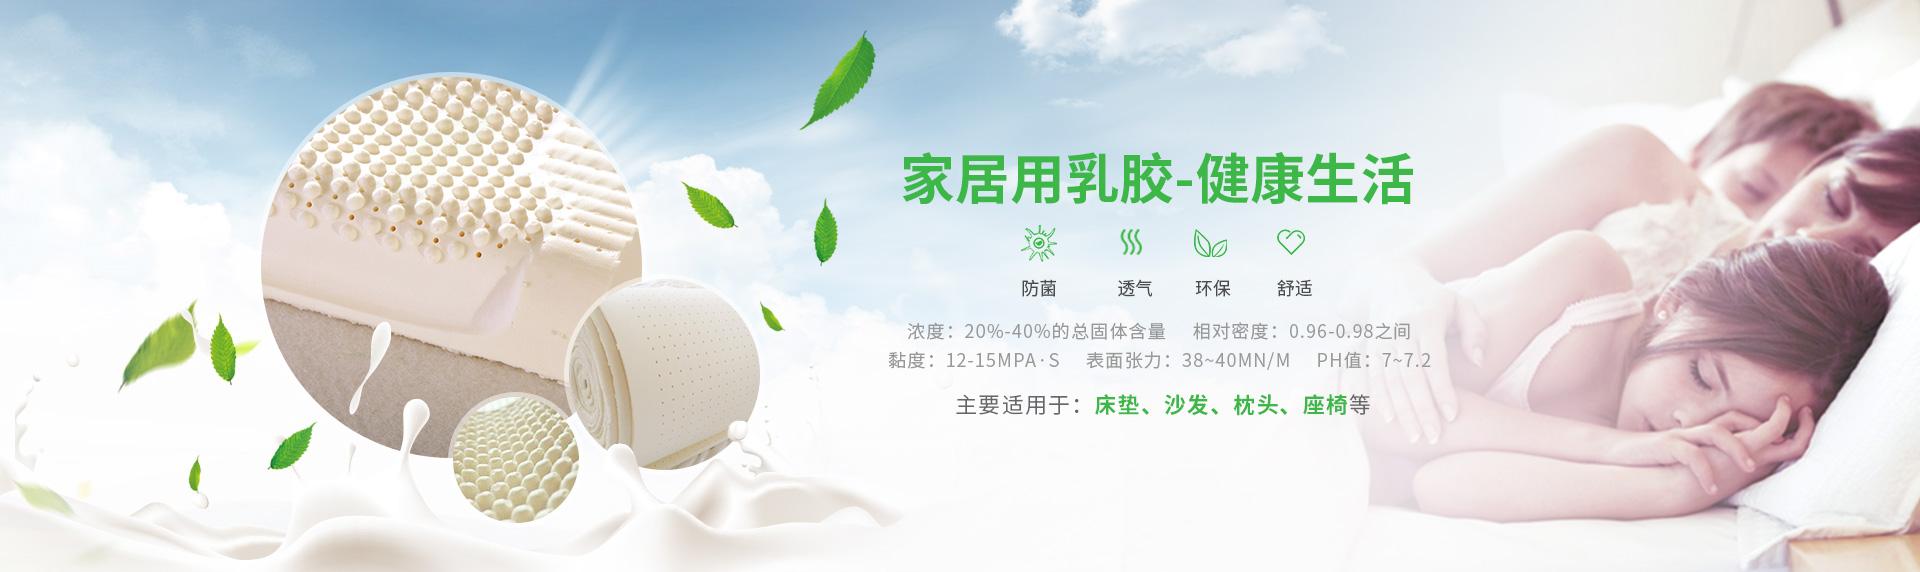 江苏帕拉特斯乳胶制品有限公司